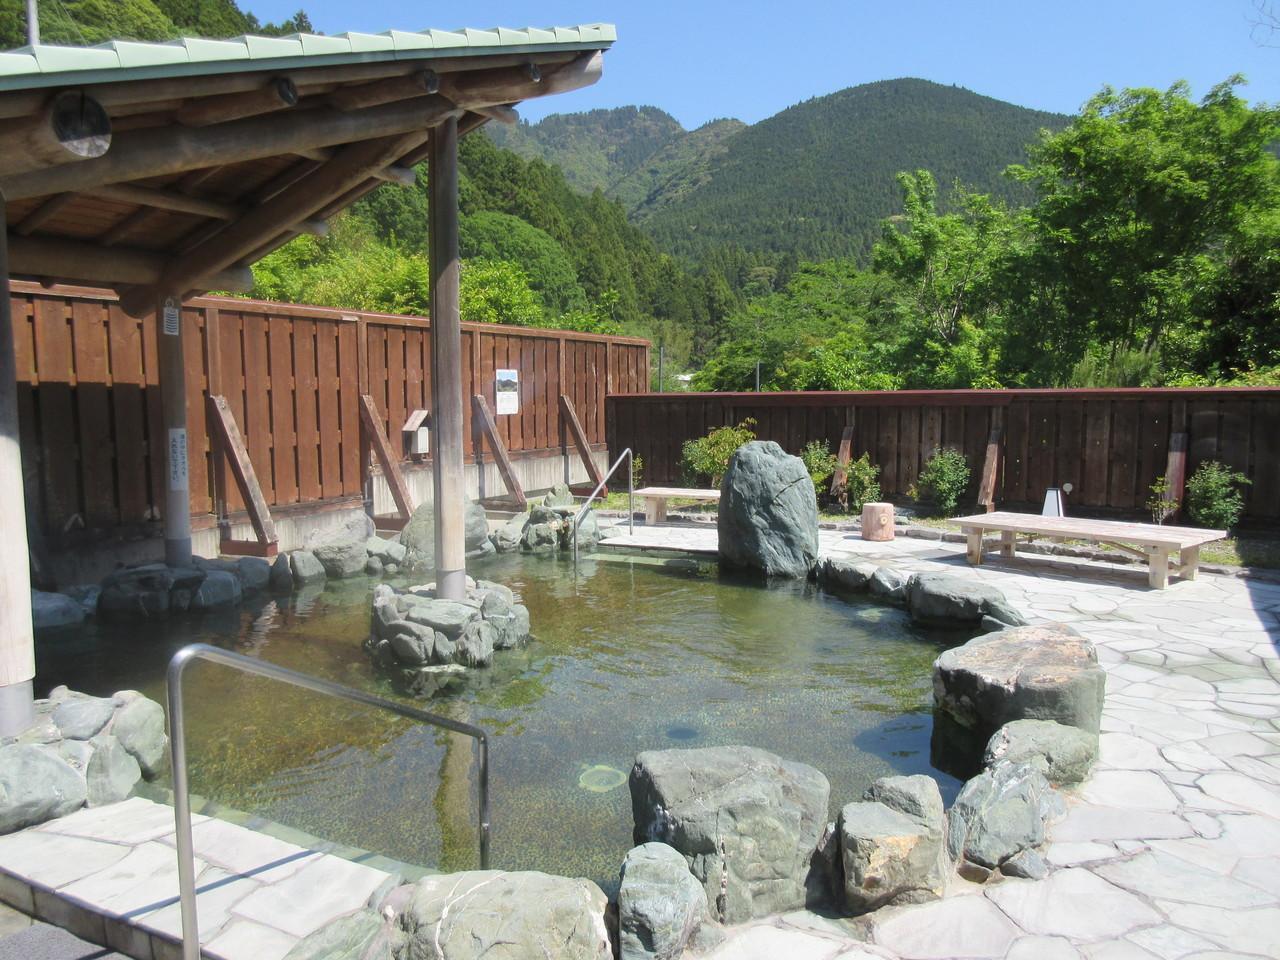 静岡県掛川市にある「ならここの里」は、清流と緑に囲まれた山あいのキャンプ場です。 テント、バンガロー、コテージと宿泊スタイルはさまざま。広大な敷地には、キャンプサイト約90サイト、バンガロー・コテージ約30棟に加え、露天風呂のある天然温泉「ならここの湯」、食事処「ならここ食堂」も併設され、四季折々の自然の中、快適にお過ごしいただけるアウトドアリゾートです。